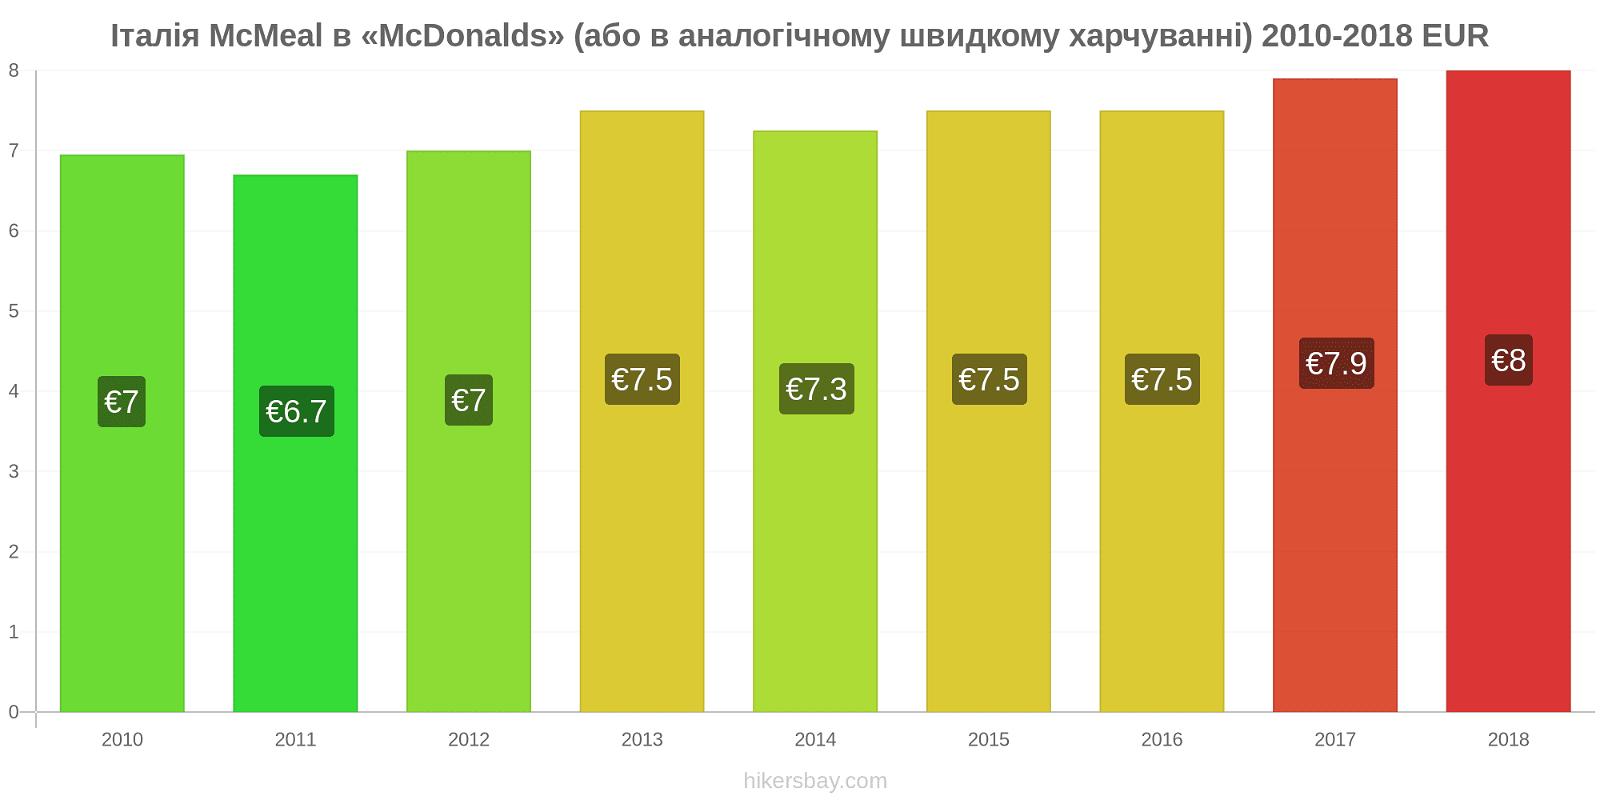 Італія зміни цін McMeal в «McDonalds» (або в аналогічному швидкому харчуванні) hikersbay.com